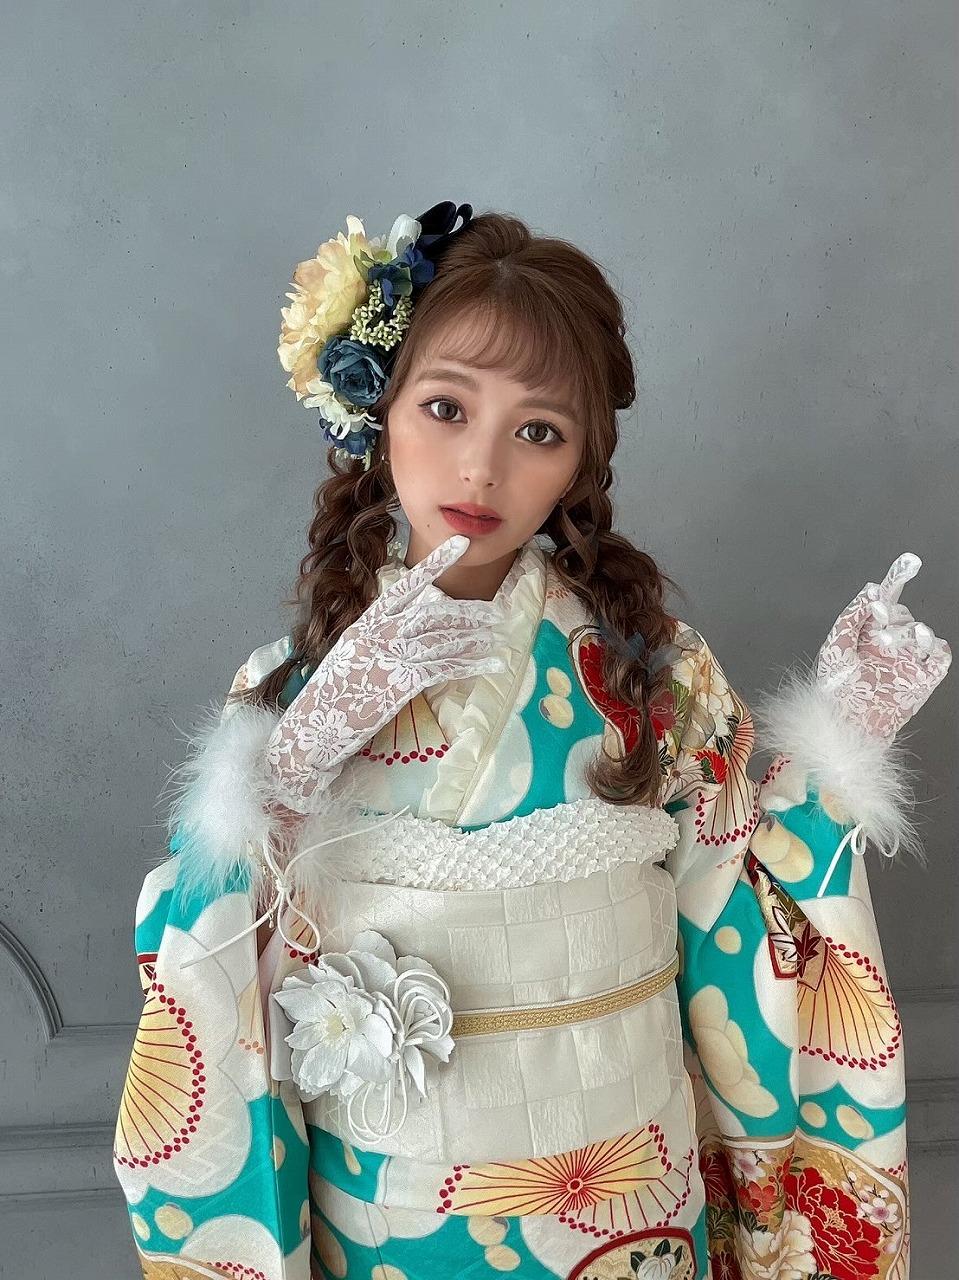 グラマーUkaちゃんの振袖撮影ショット💖Part2